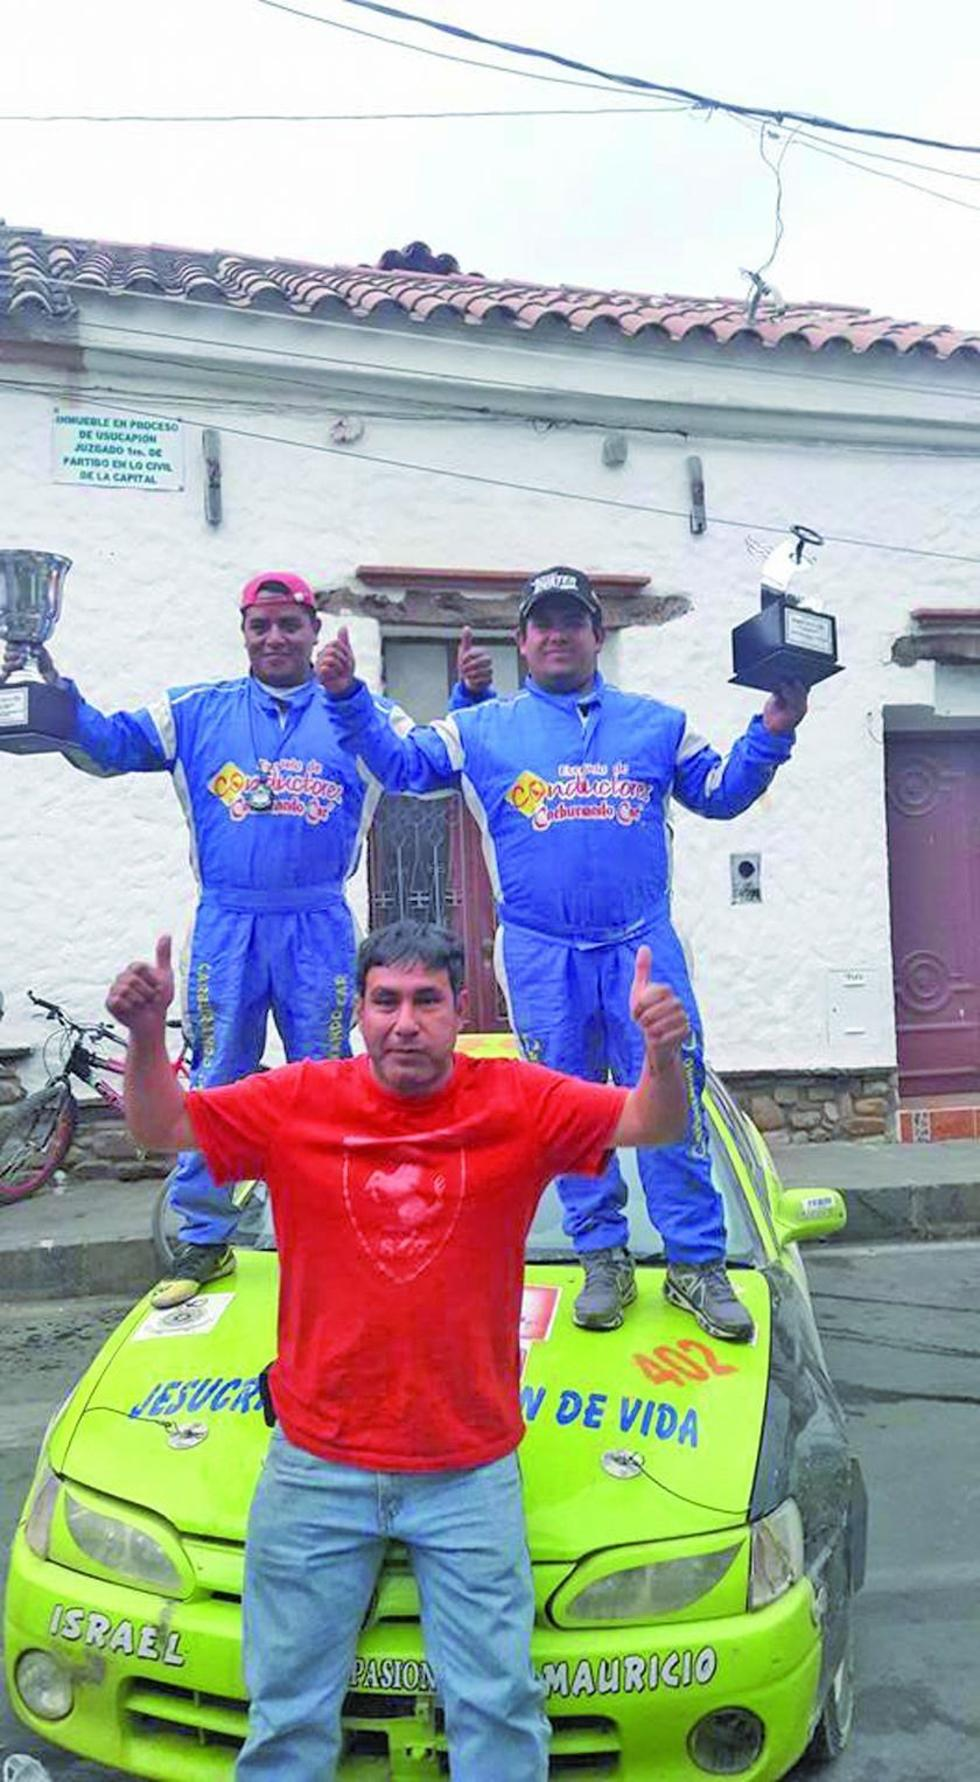 El corredor Israel Sandoval festeja el triunfo con sus compañeros.